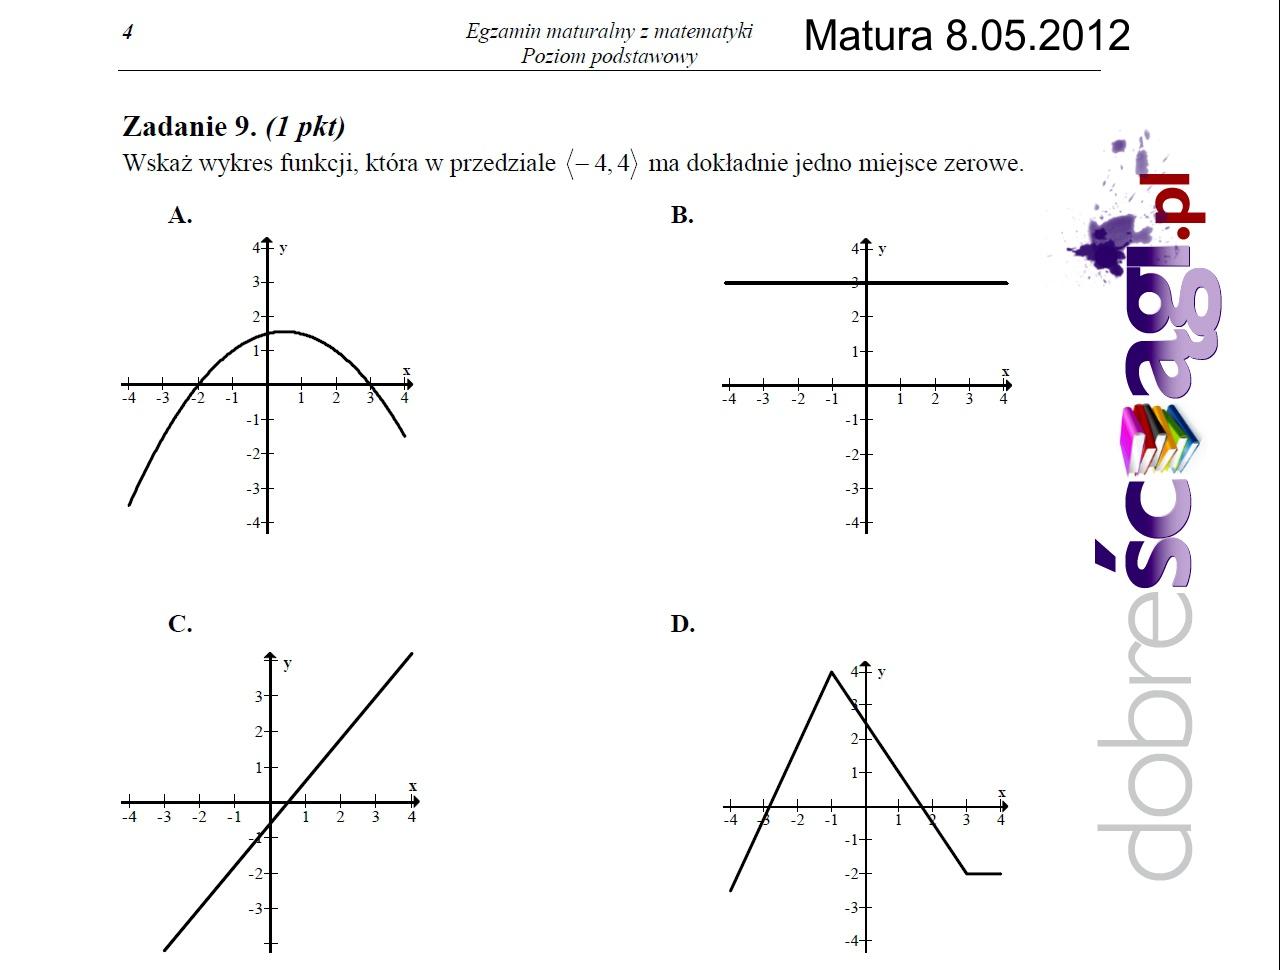 Matura 2012 z matematyki dla idiotów?